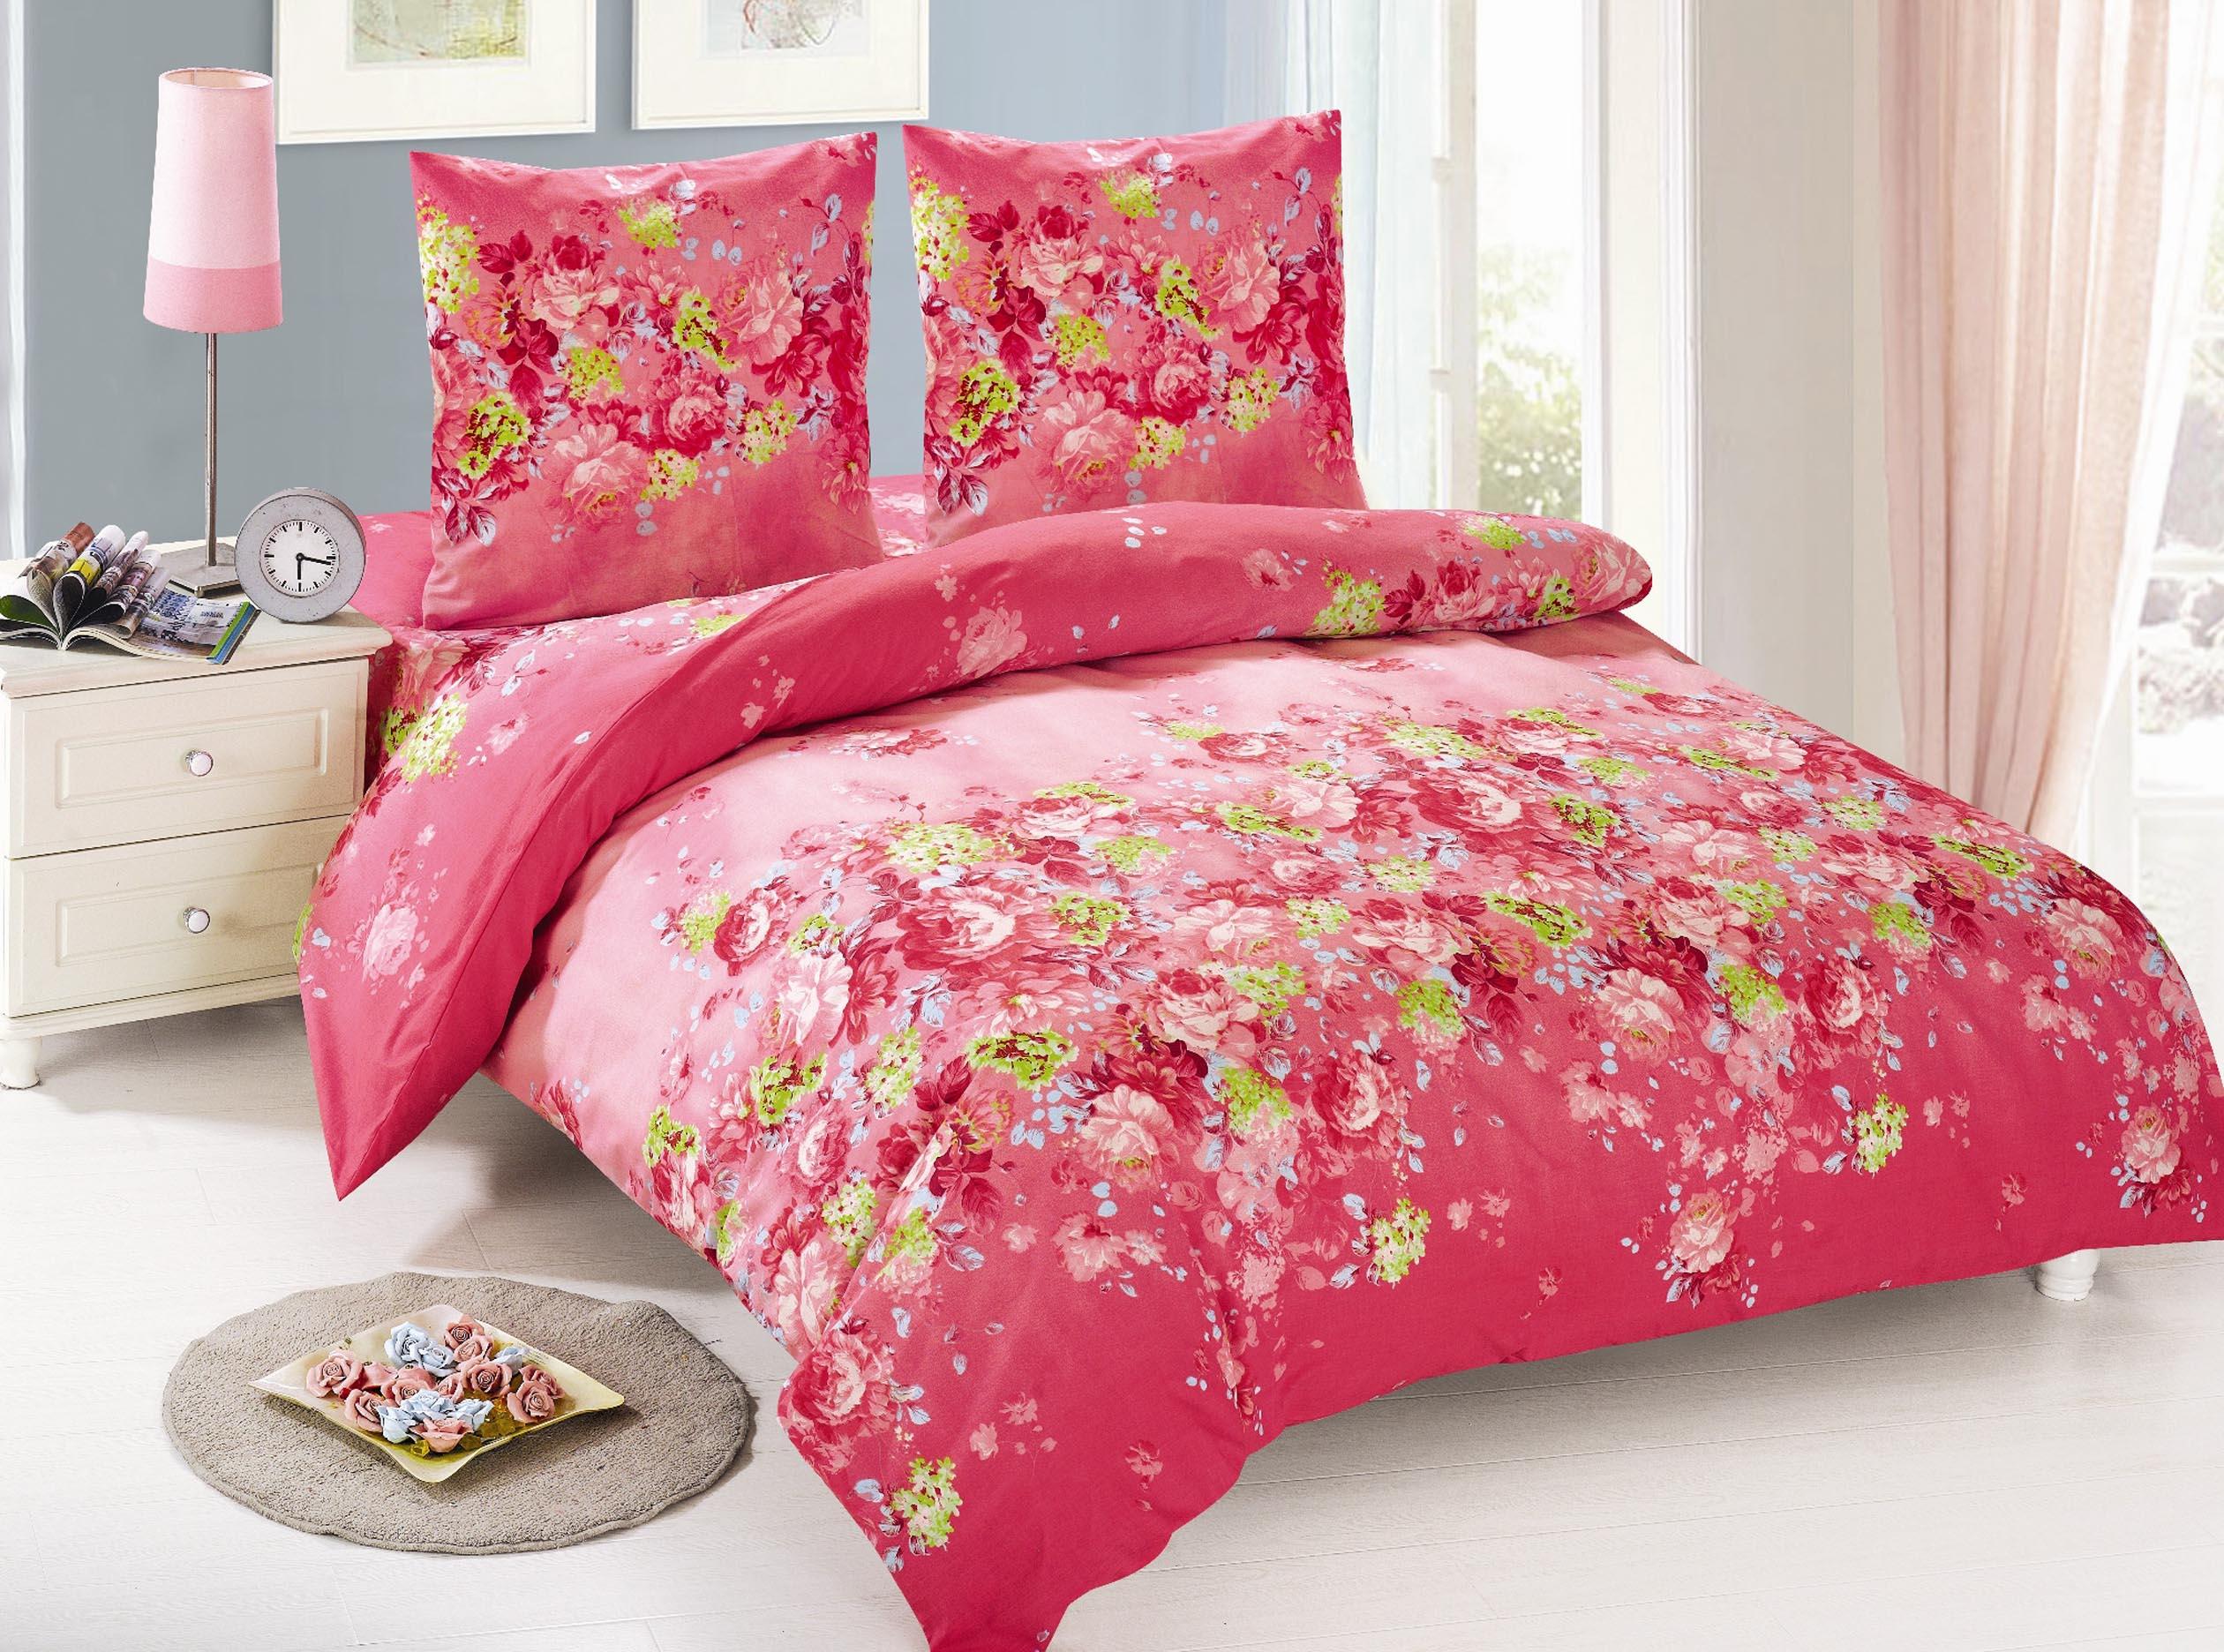 Постельное белье Amore Mio Постельное белье Kayla (2 сп. евро) постельное белье amore mio постельное белье glasgow 2 сп евро